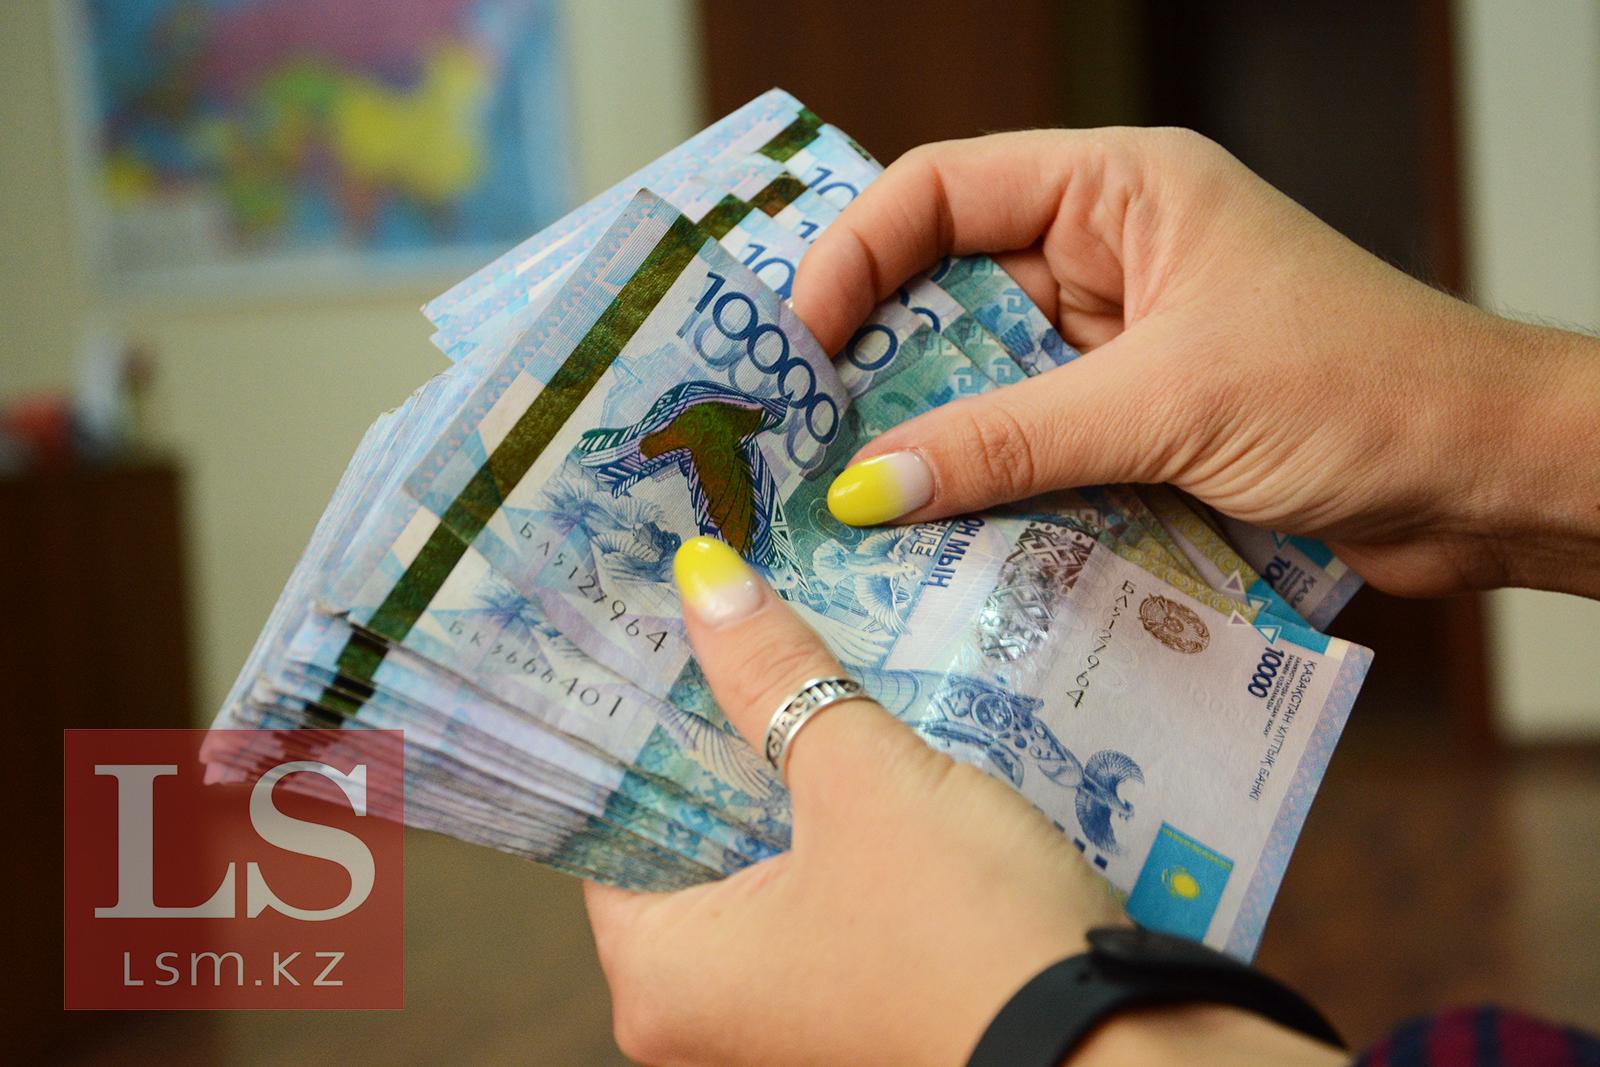 Займу денег под расписку у частного лица москва